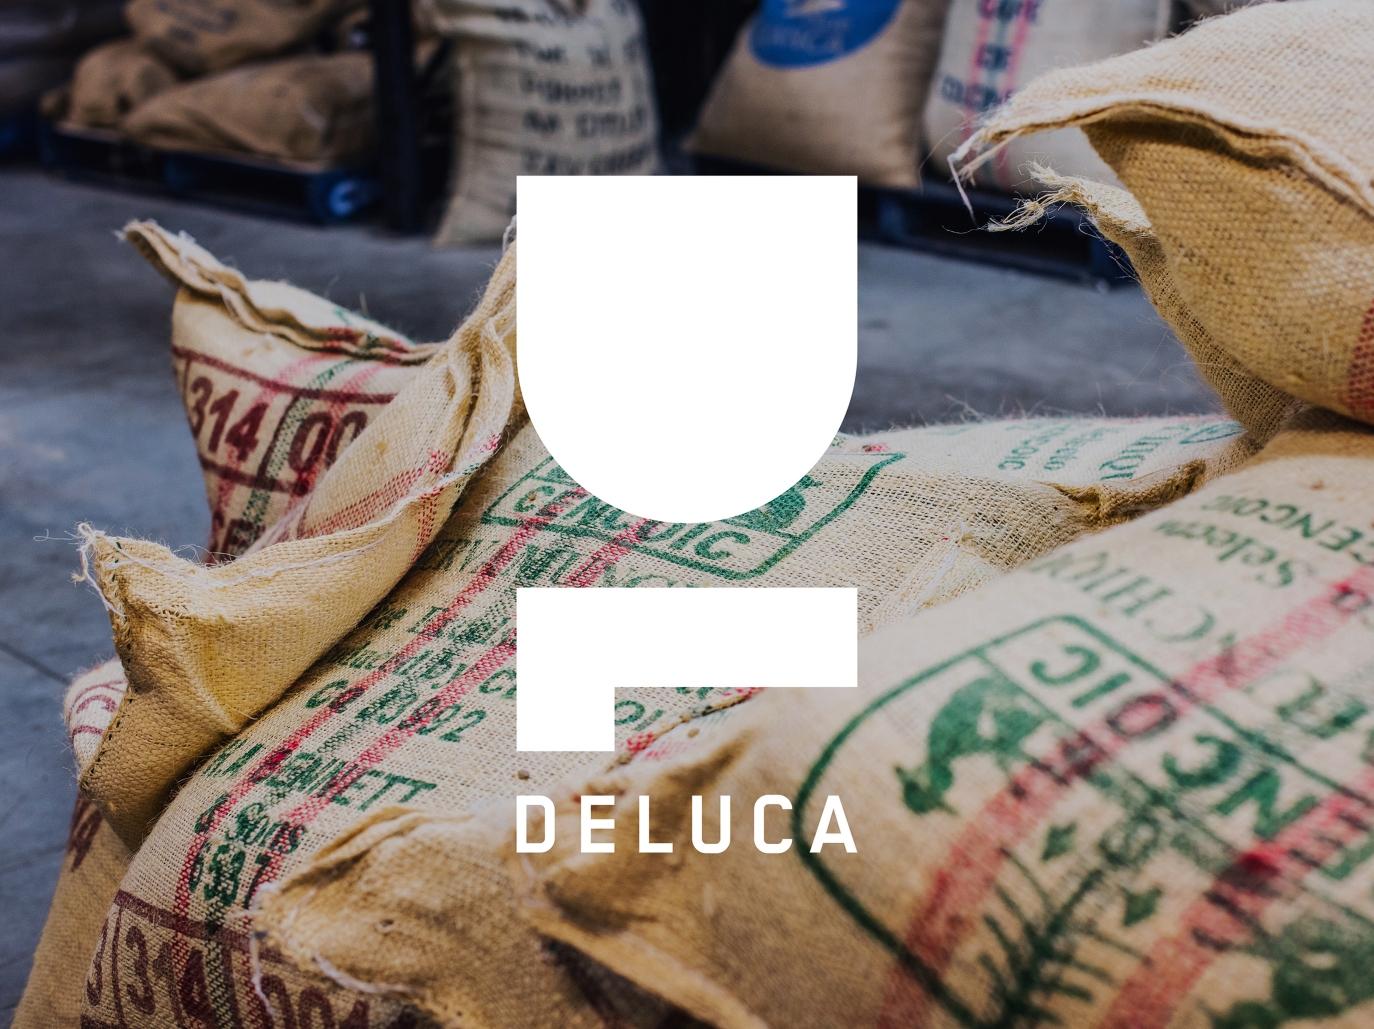 CroppedImage13741029-CDANDCO-DELUCA-COFFEE-PRINT-72-02.jpg